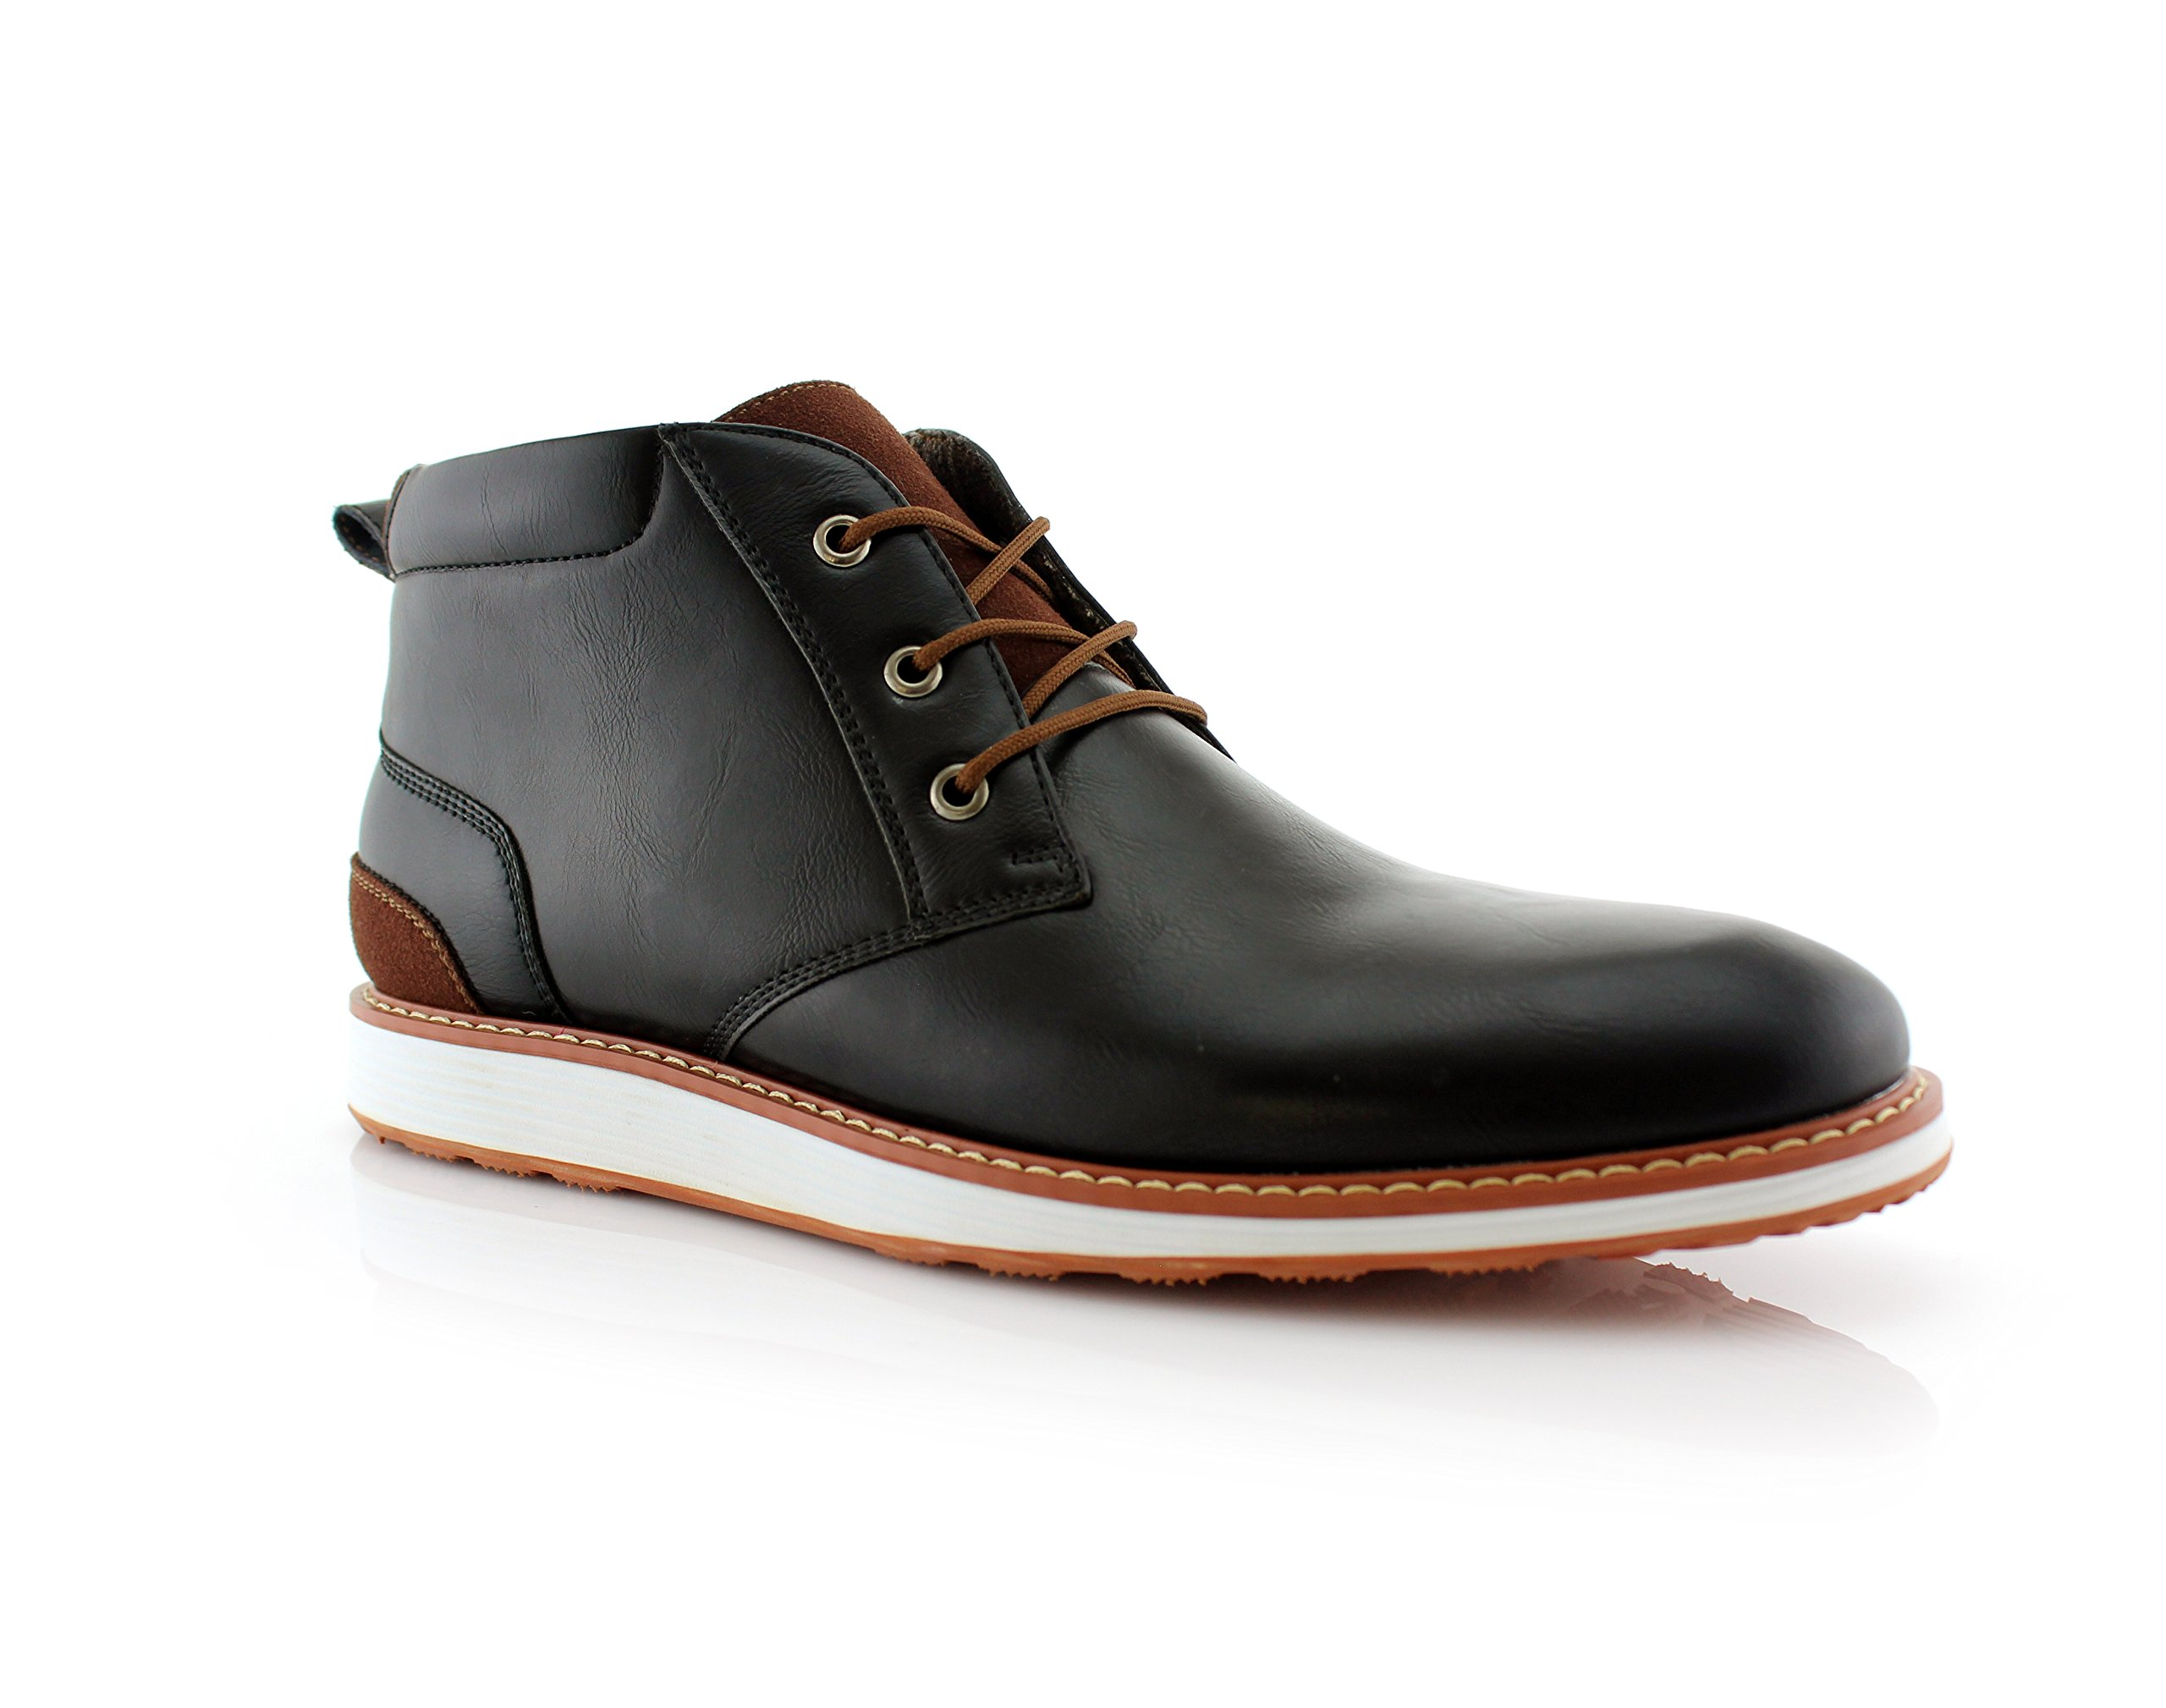 Ferro Aldo Houstan MFA506031 Mens Casual Chukka Mid-Top Sneaker Boots – Black, Size 8 by Ferro Aldo